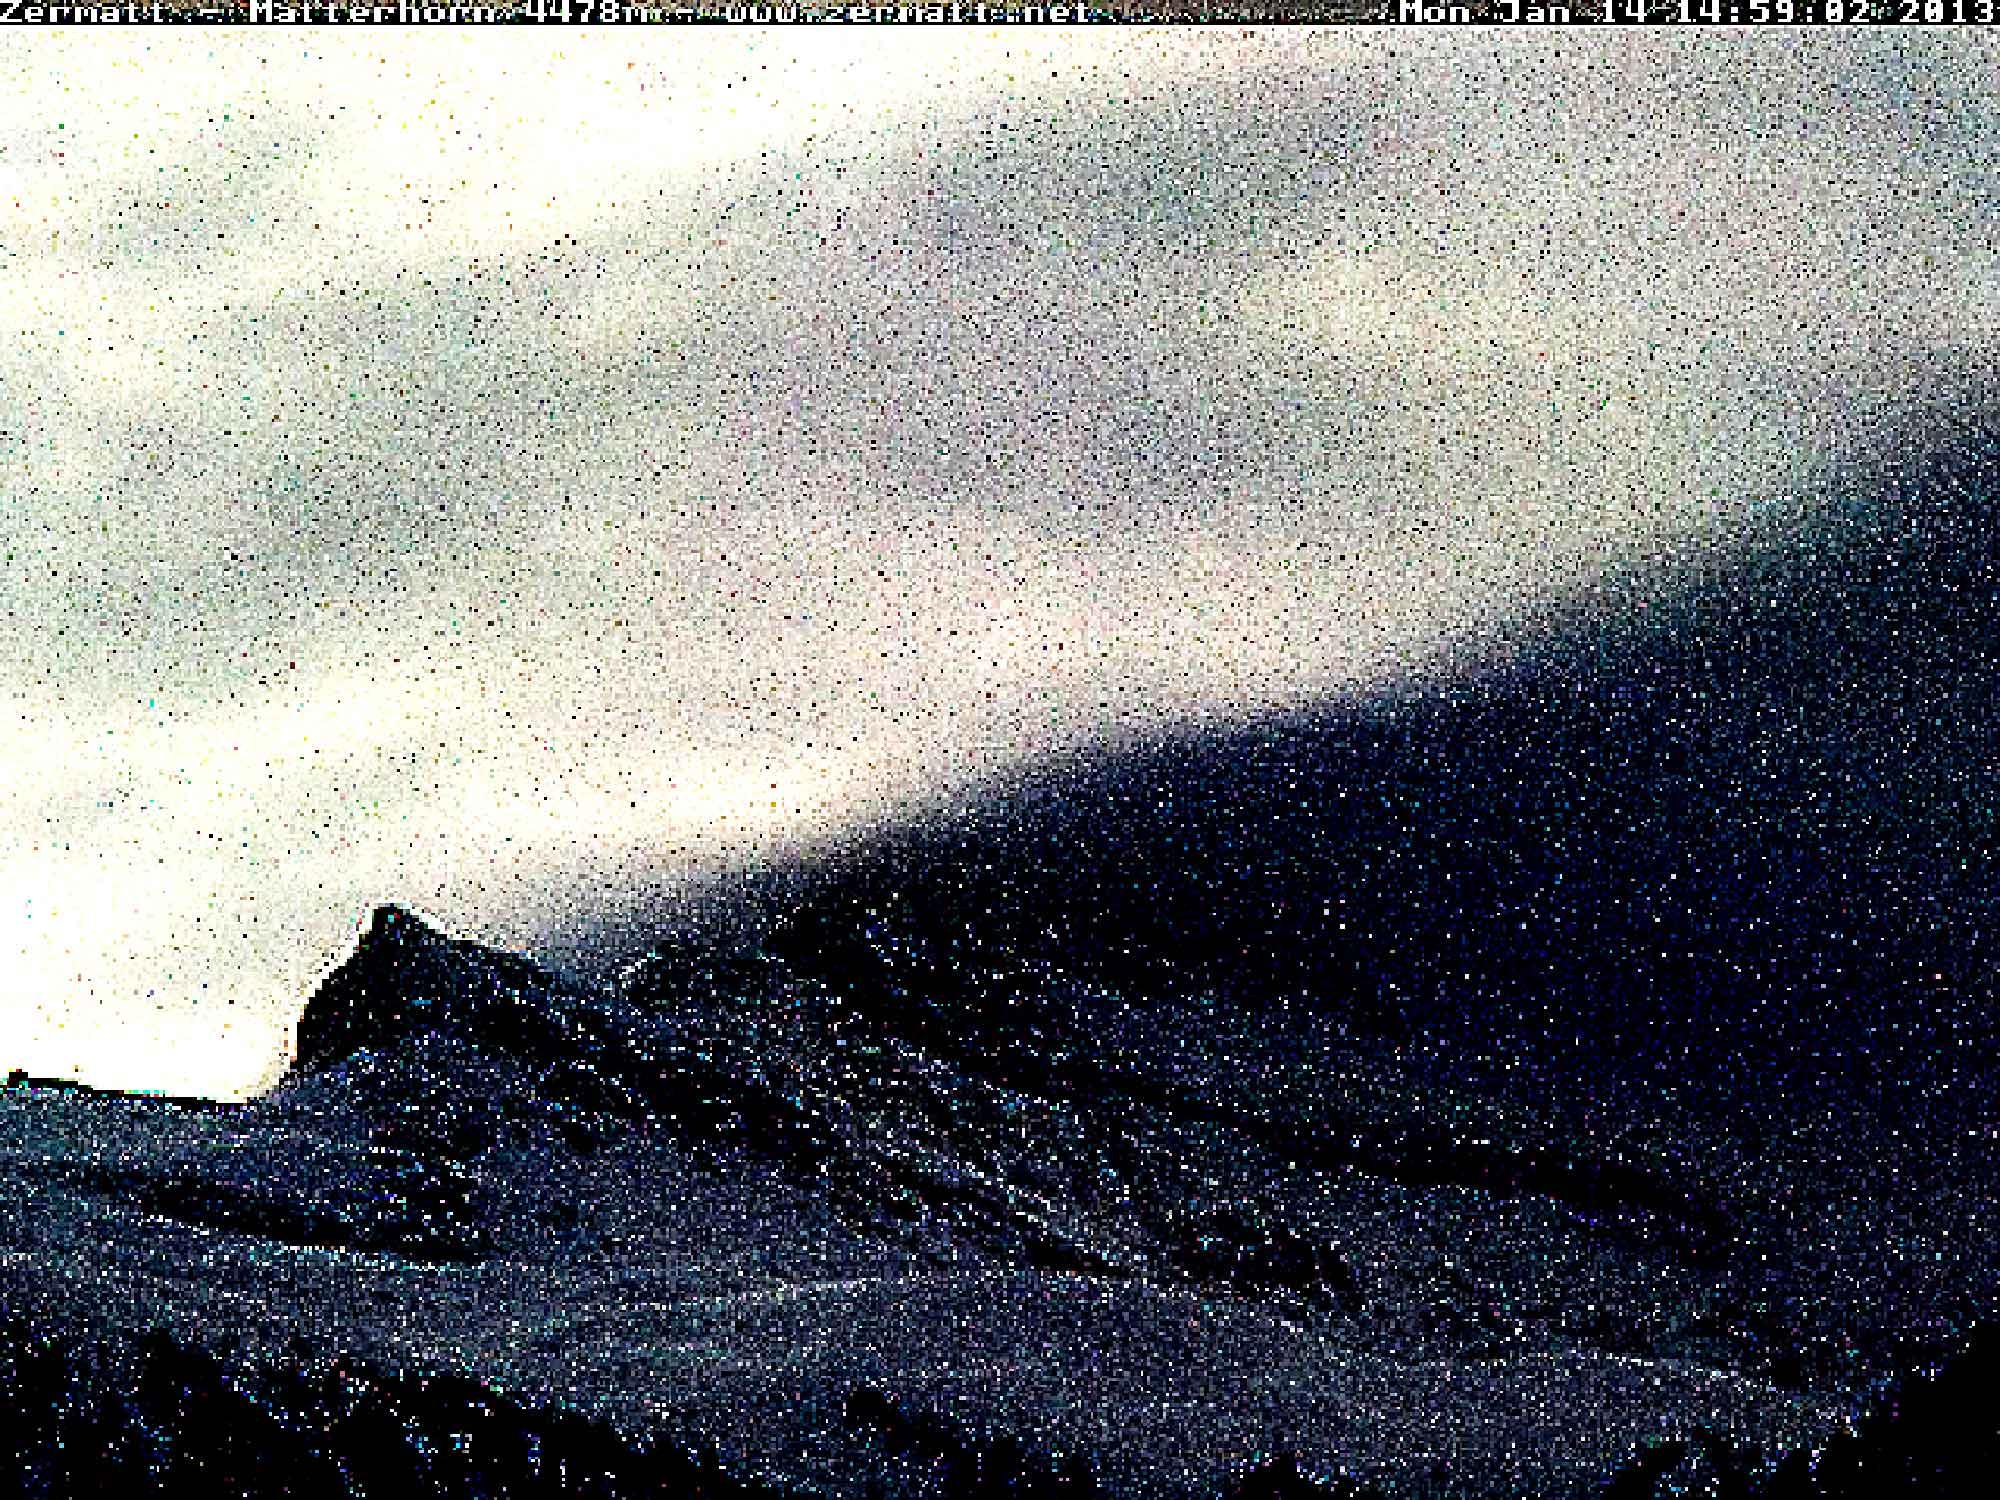 #1050 Matterhorn 2013 01 14